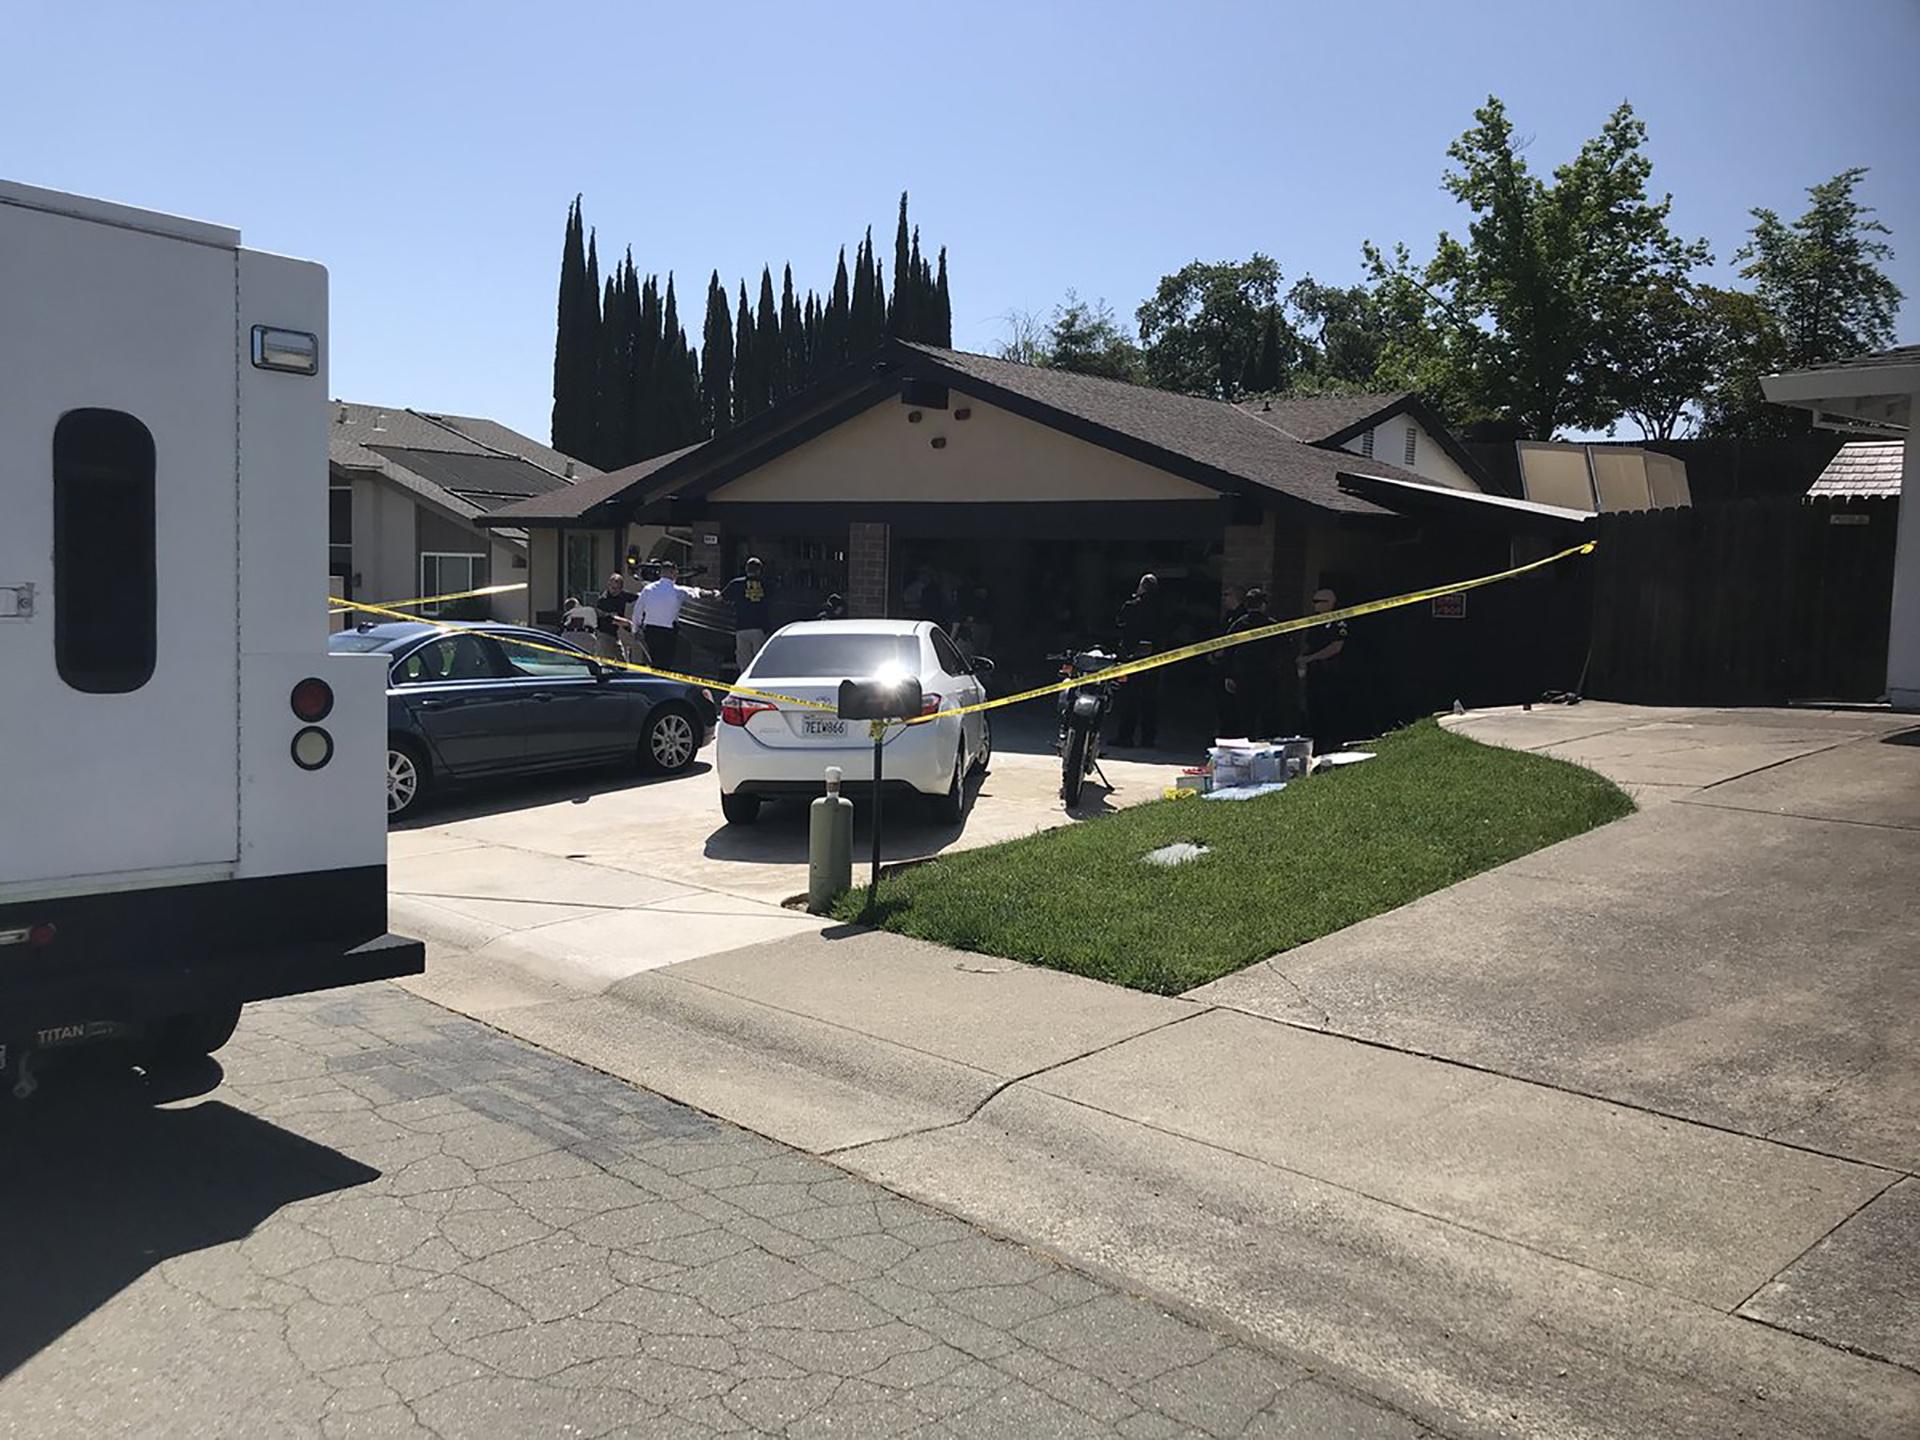 La vivienda de Joseph DeAngelo en Citrus Hights, California, donde el asesino serial más buscado de los últimos 40 años se refugiaba como un vecino más (Fox News)